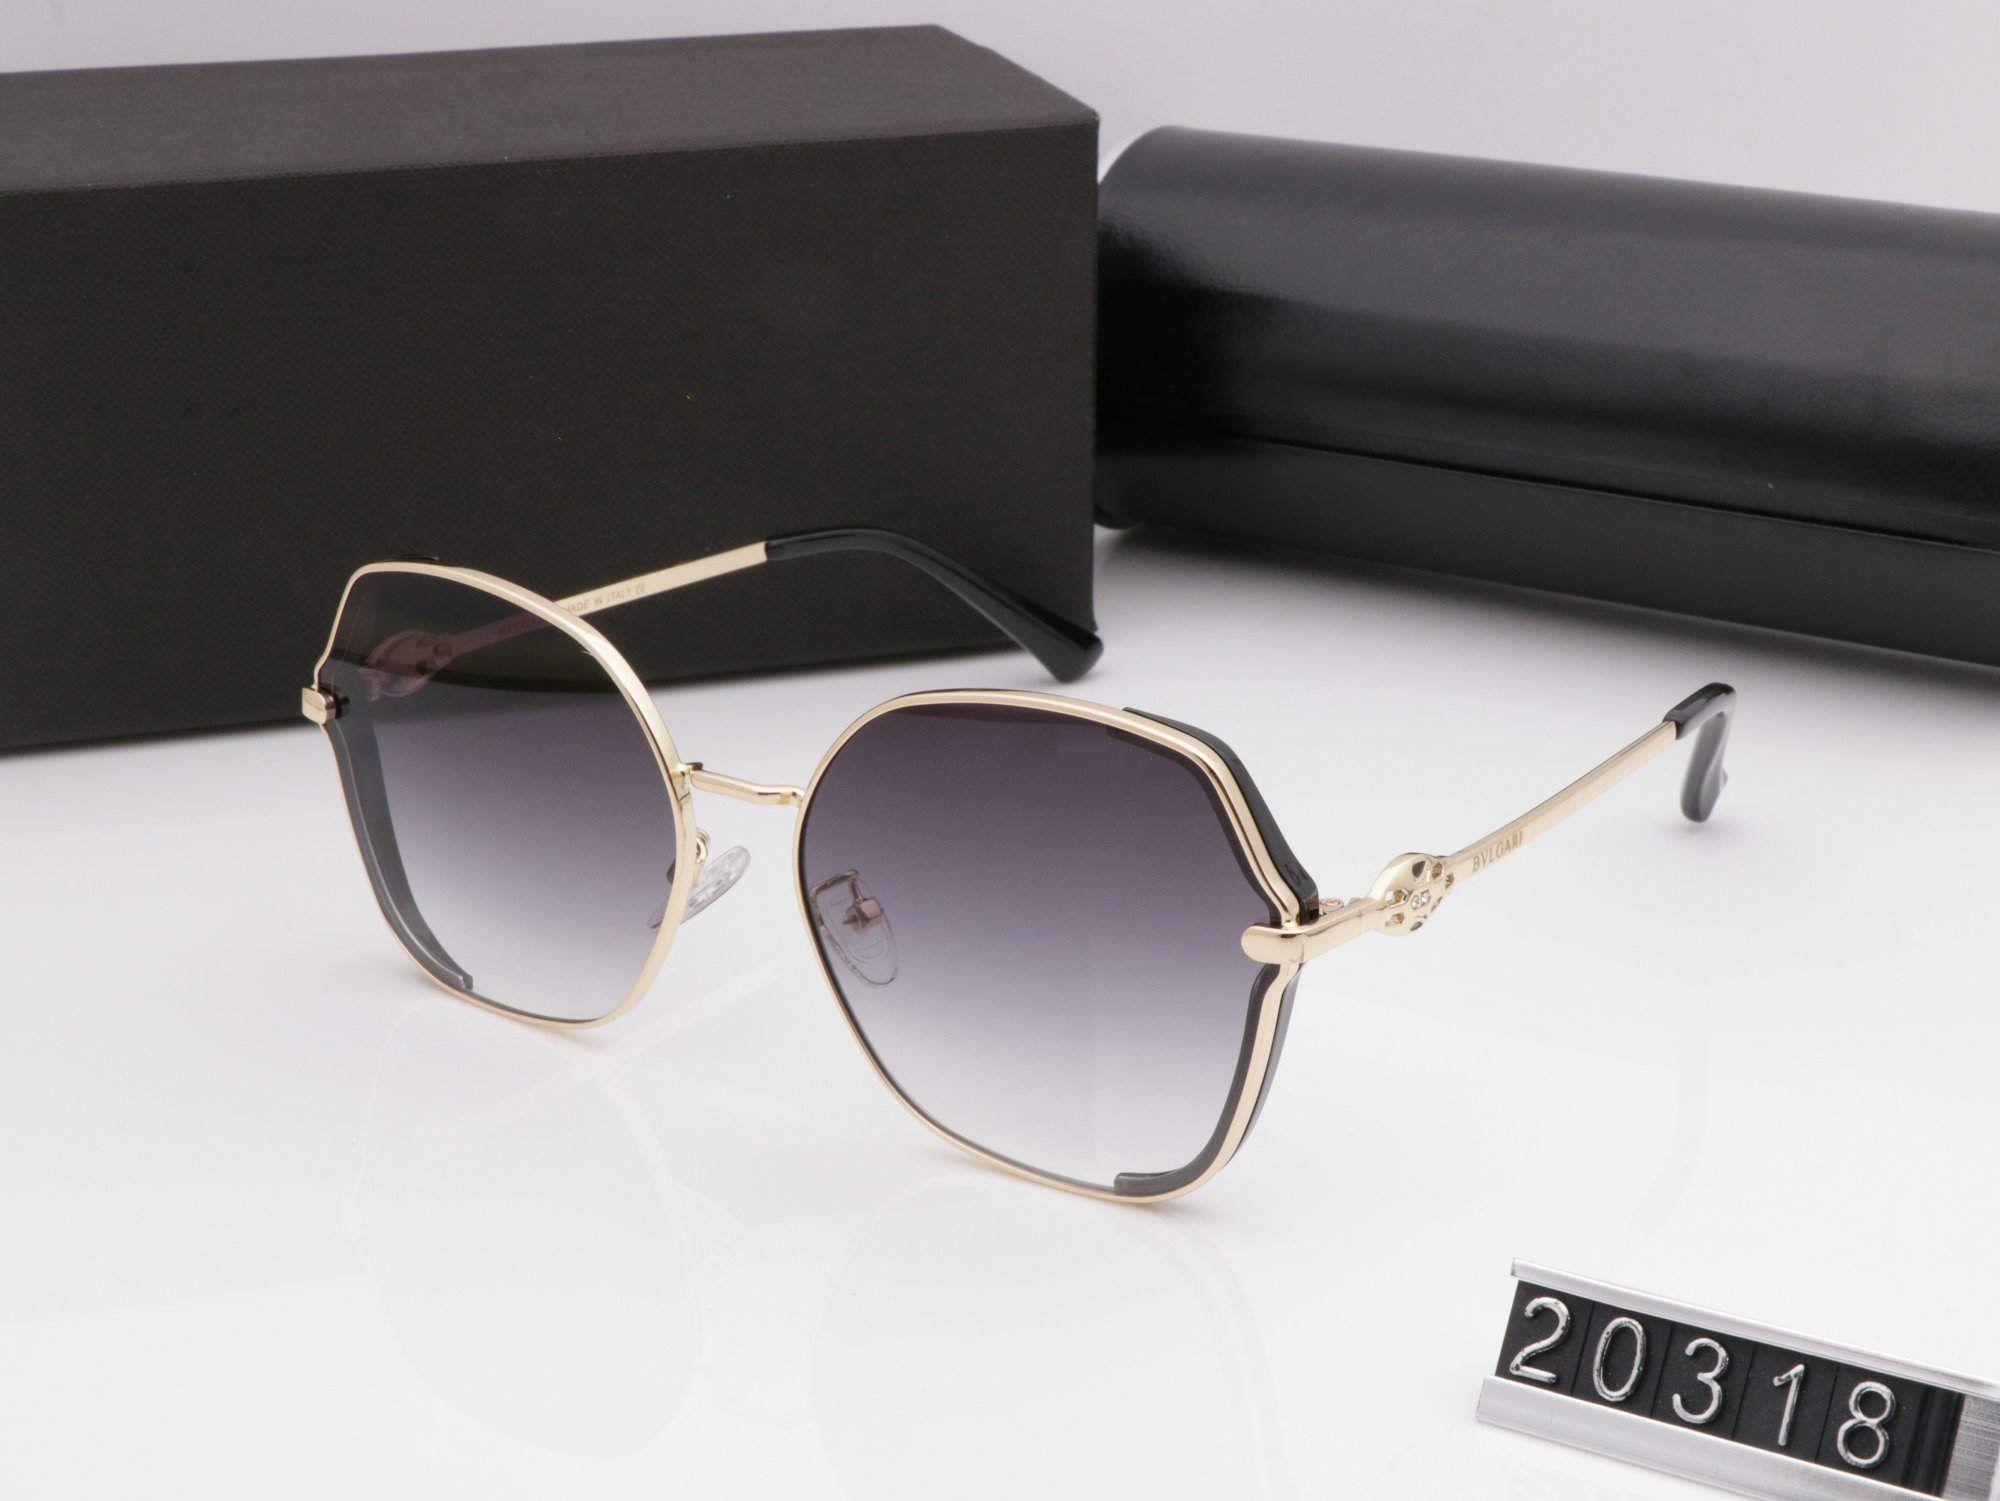 Kadınlar için Yeni Tasarımcı Güneş Gözlüğü Kadın Güneş Gözlüğü Kadın Güneş Gözlükleri Erkekler Için Tasarımcı Lüks Gözlük Lüks Güneş Gözlüğü Bayan Gözlük